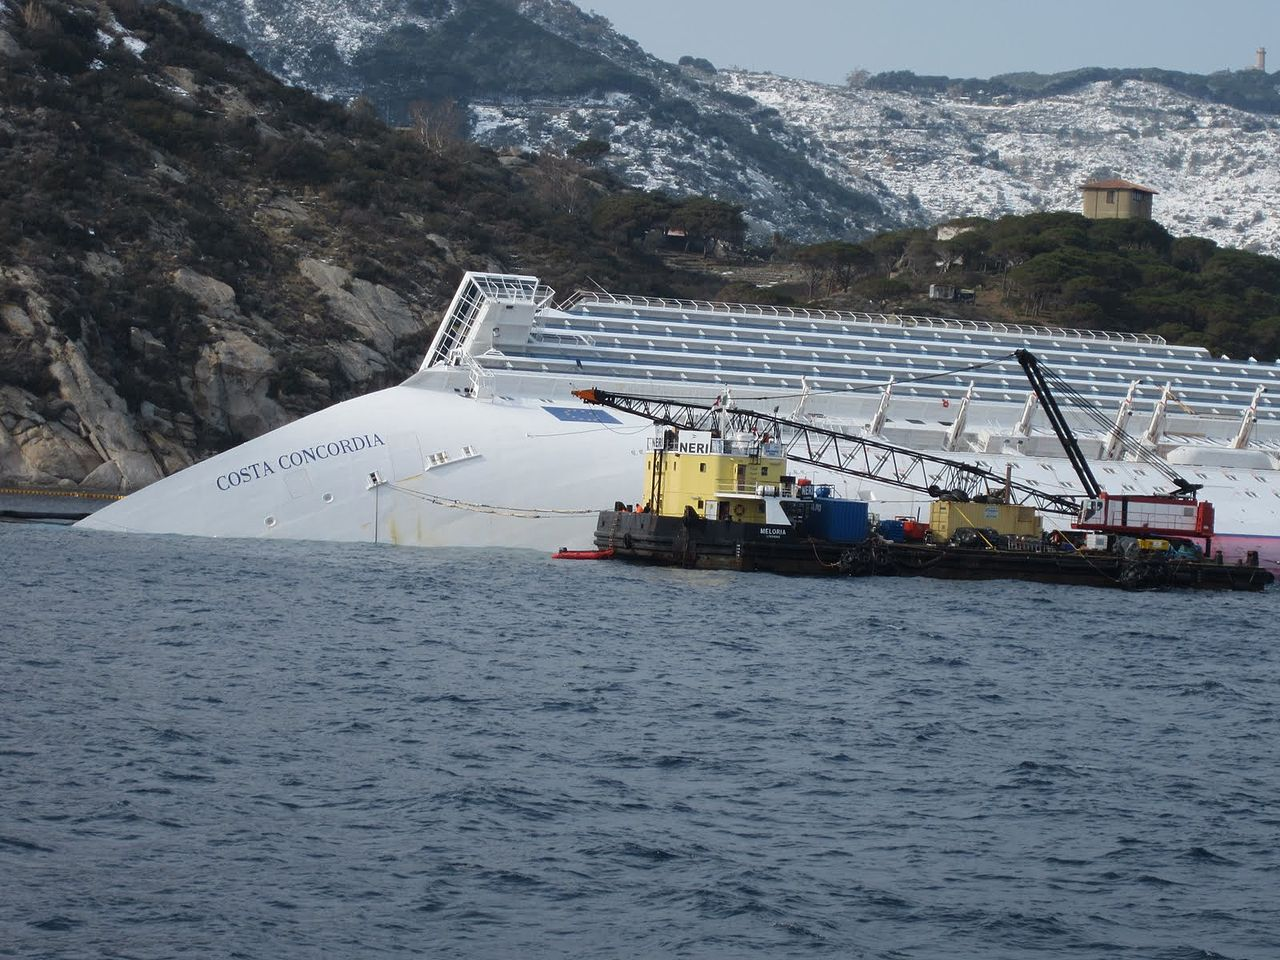 Costa Concordia: impatto ambientale